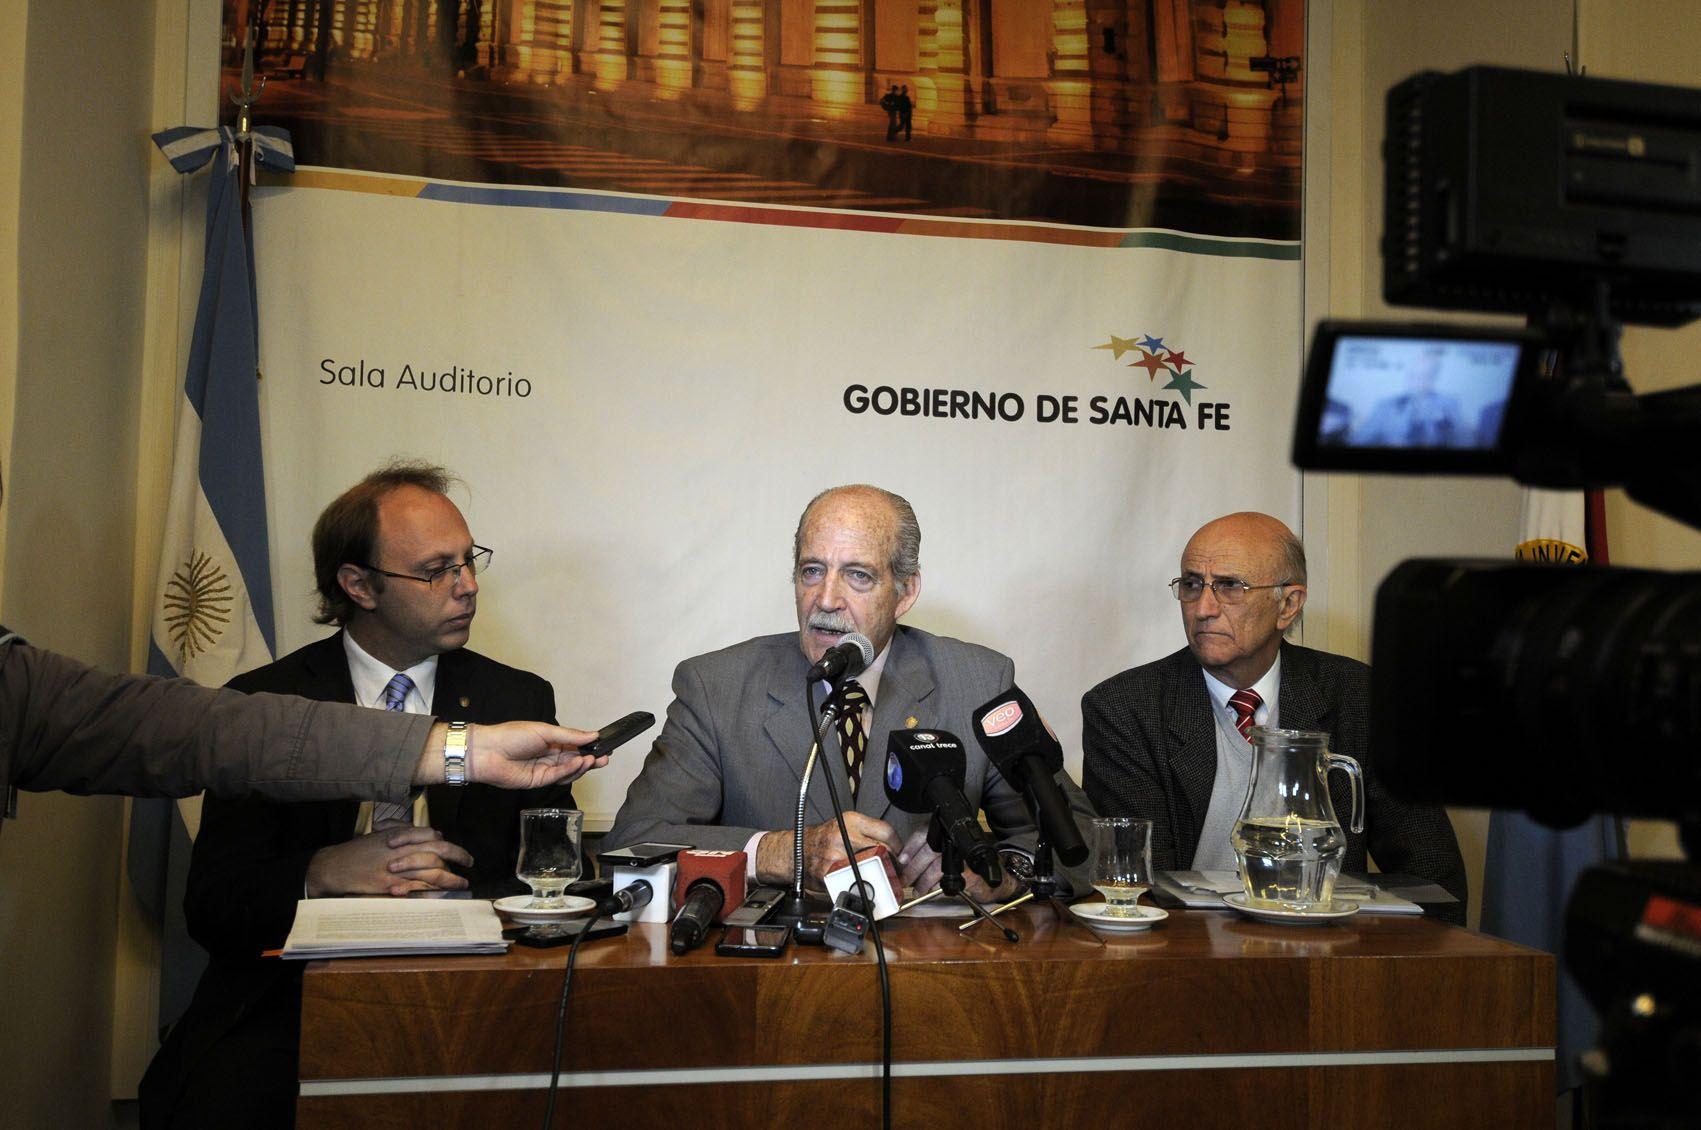 El ministro Sciara presentó el proyecto junto a los secretarios de Finanzas y Hacienda.